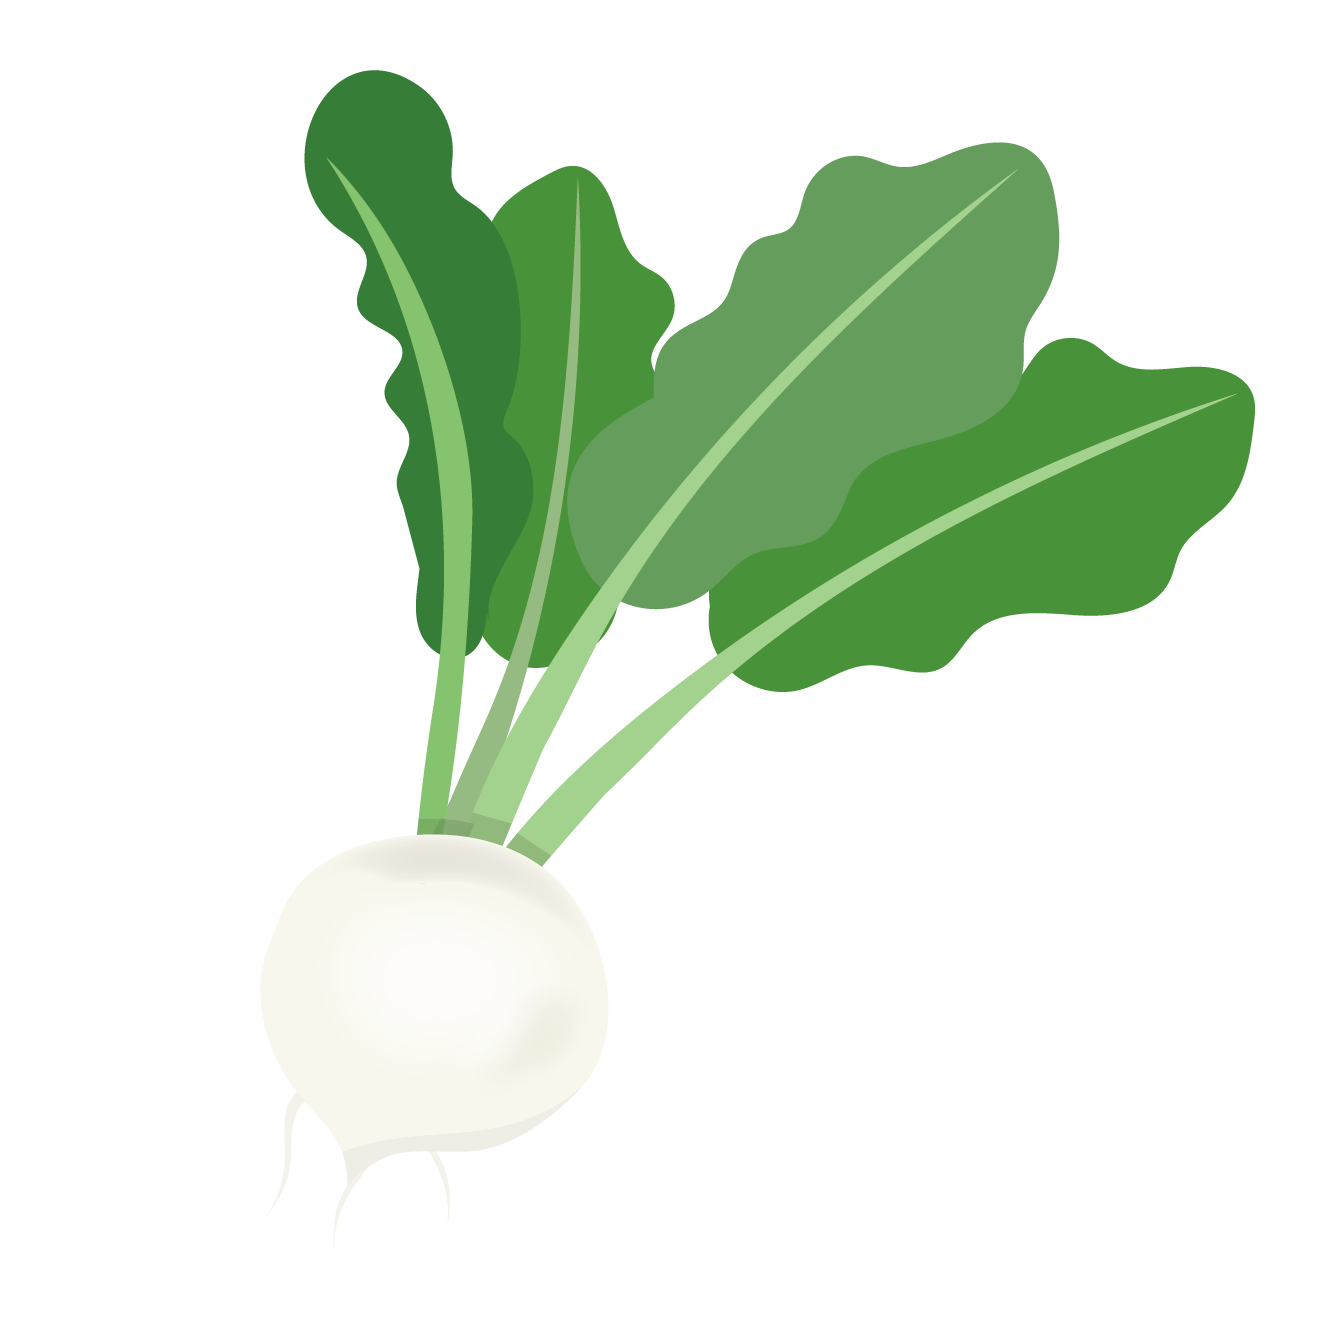 カブ蕪かぶのイラスト野菜 商用フリー無料のイラスト素材